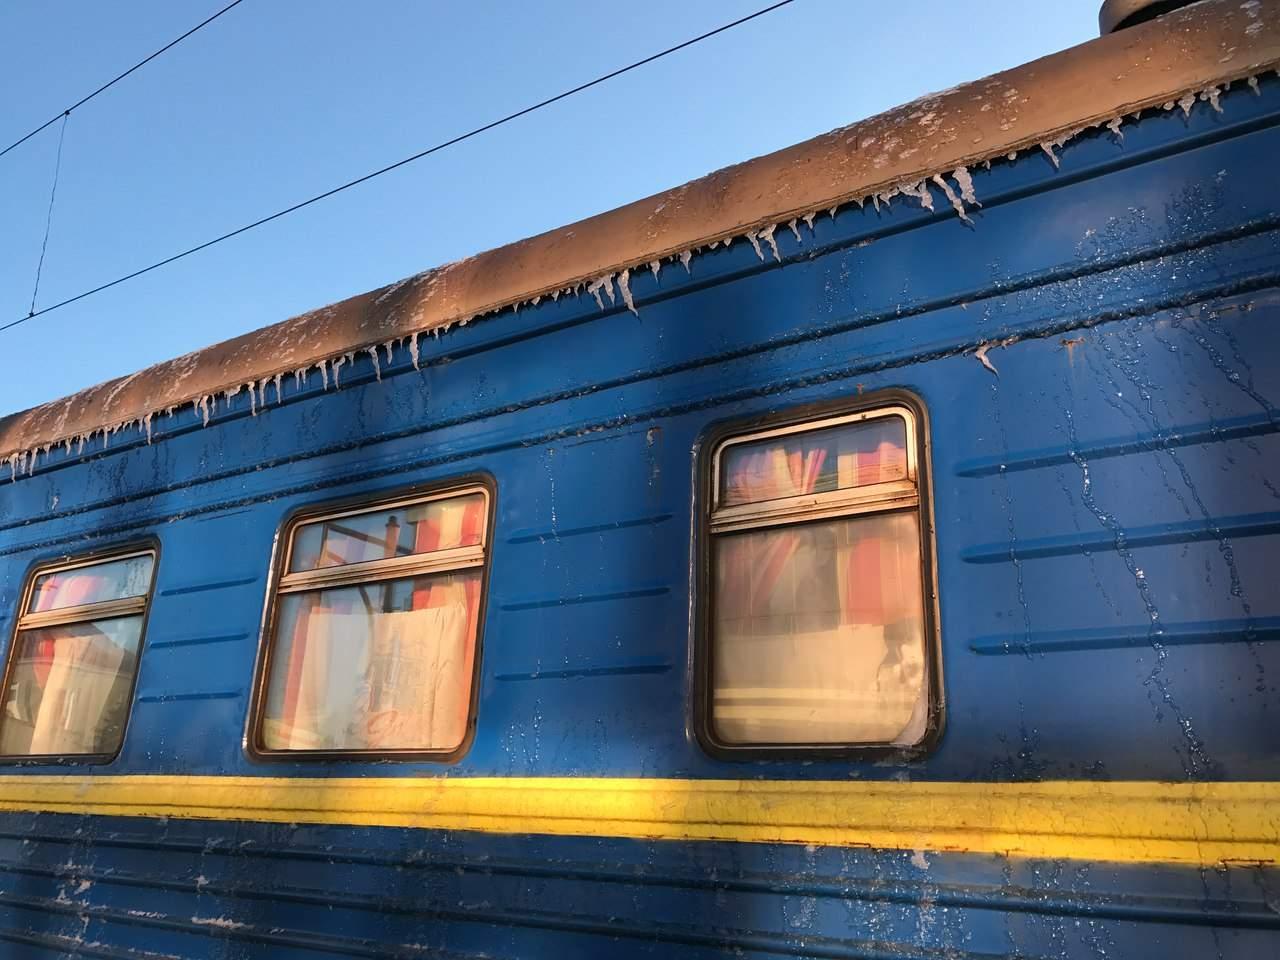 Поезд «Одесса-Ужгород» привёз зиму в Тернополь (фото)